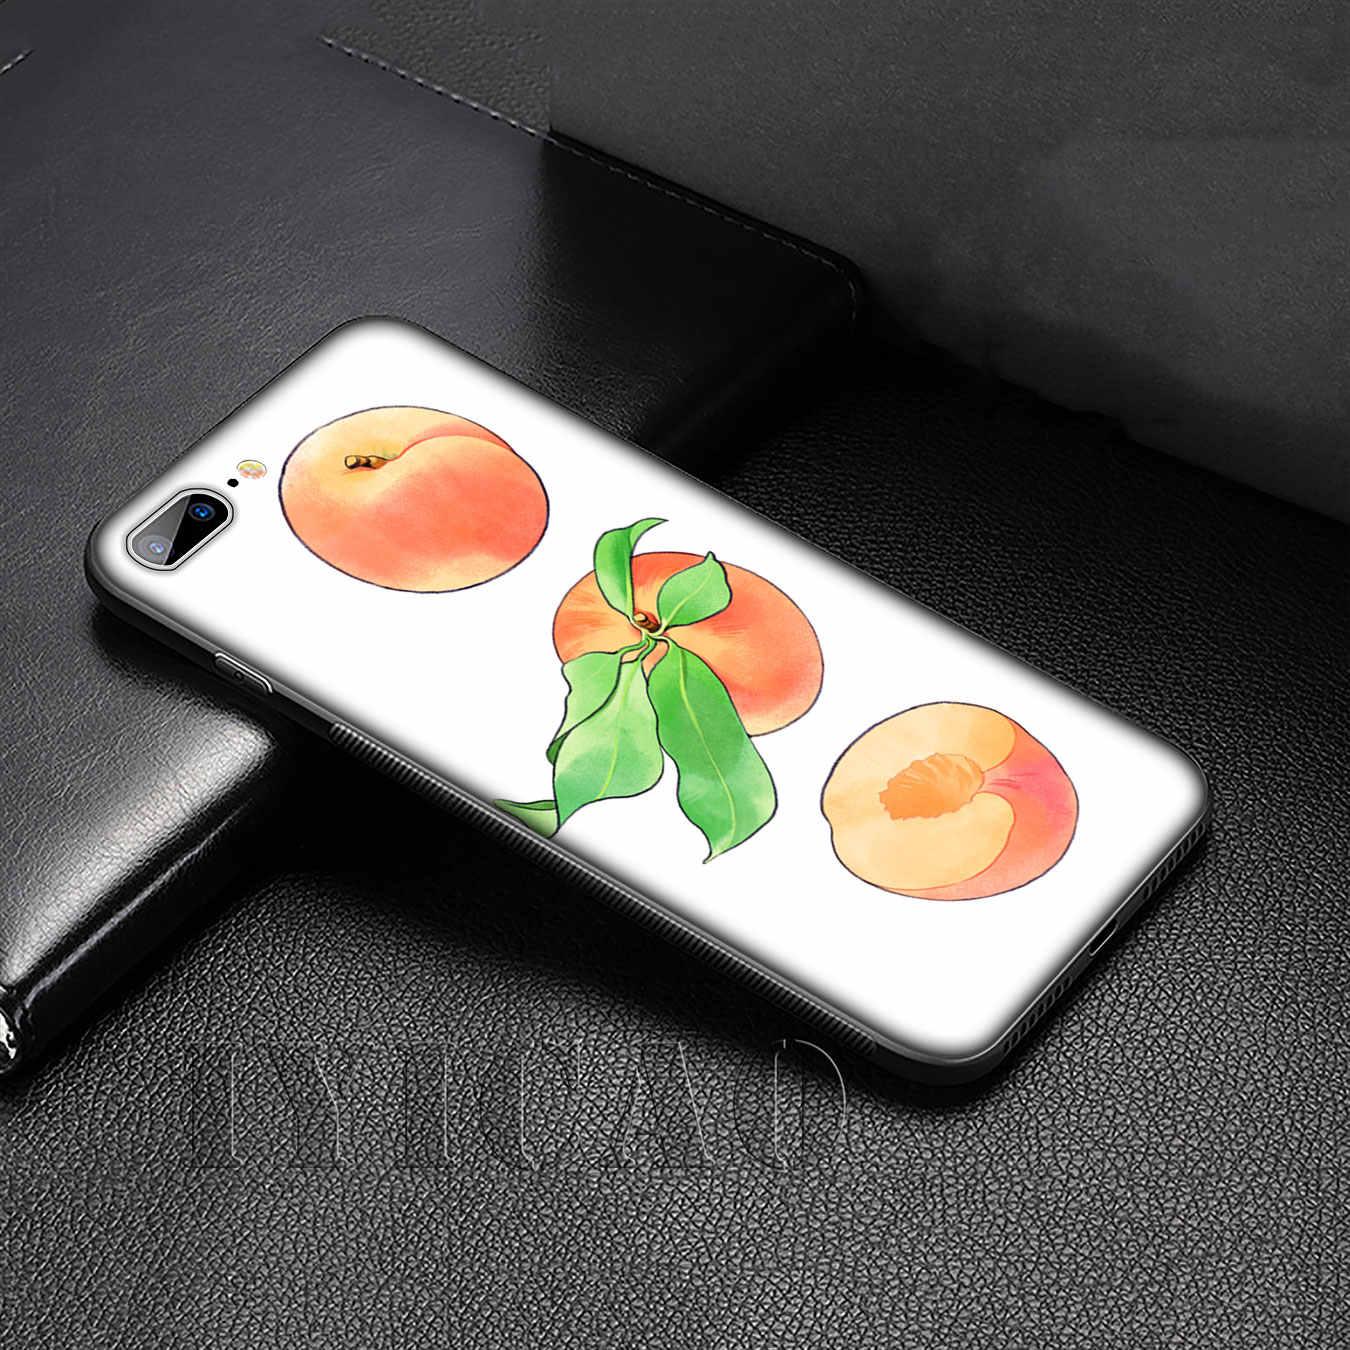 IYICAO Frutto di Pesco Molle Del Silicone Della Copertura di Caso per Huawei P30 P20 Pro P10 P9 Lite Mini 2017 2016 P di Smart Z Più 2019